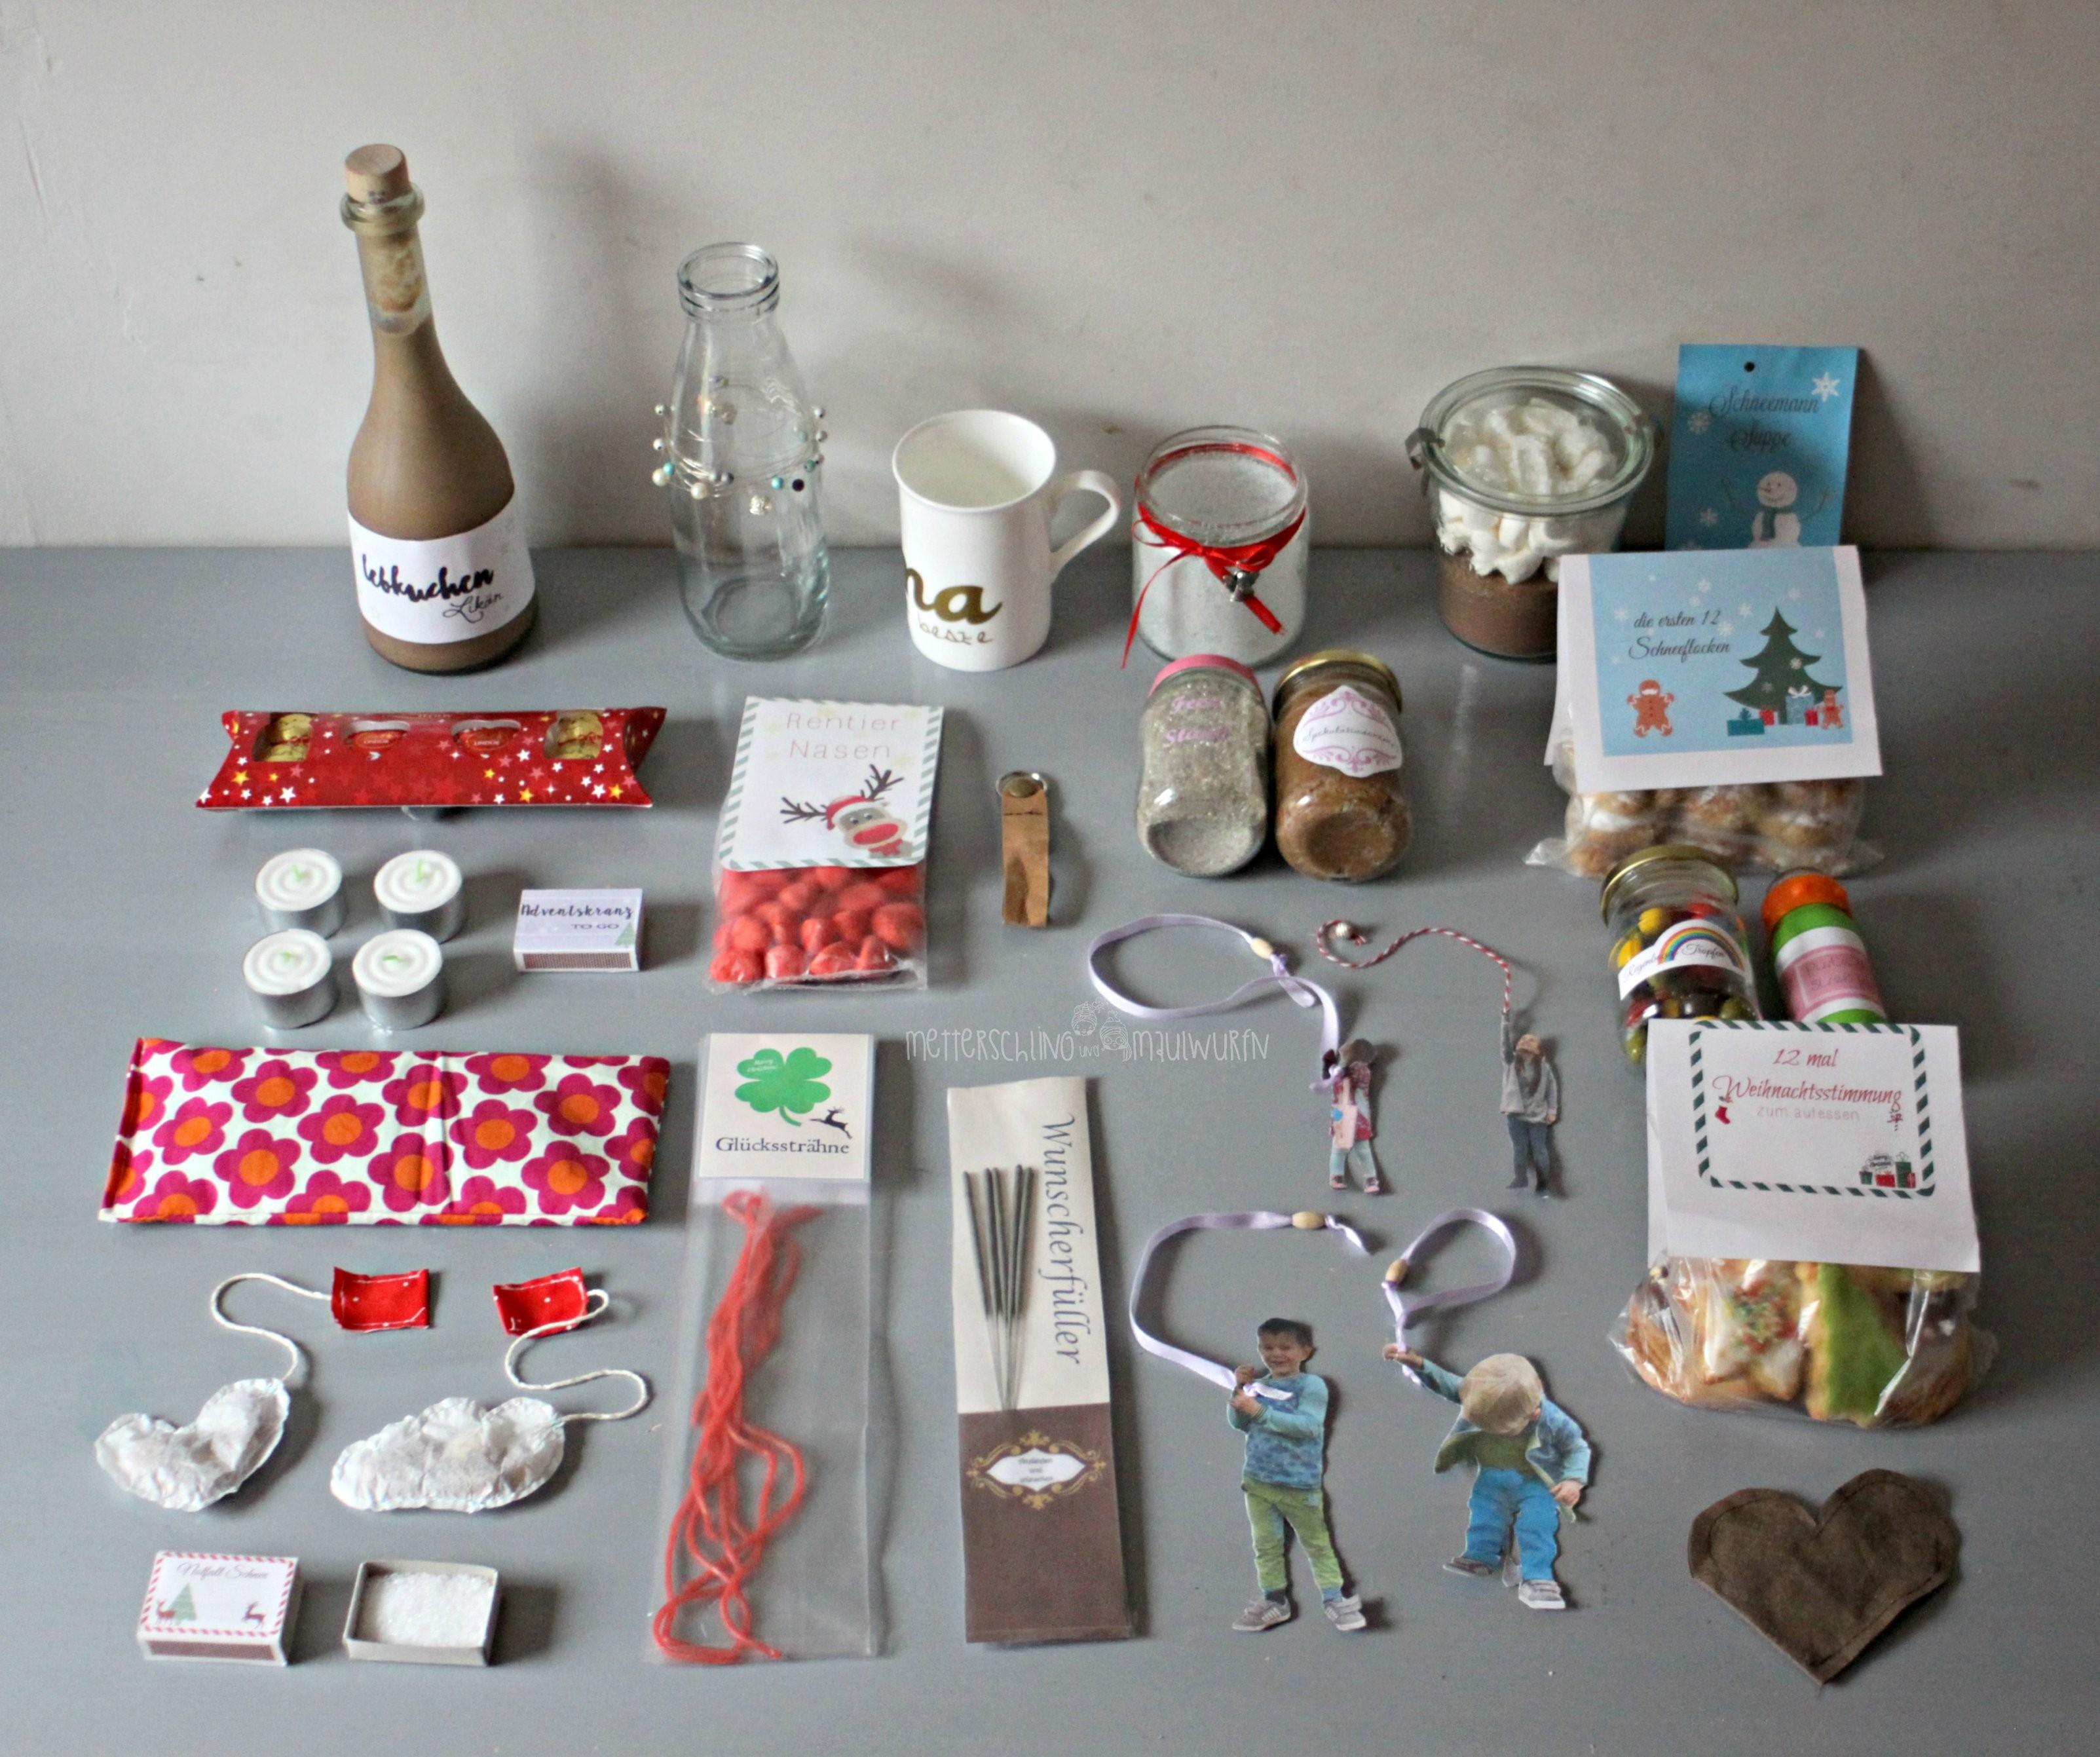 Adventskalender  Kleine & Schnelle Geschenke Zu Weihnachten Für von Adventskalender Für Erwachsene Selber Machen Bild